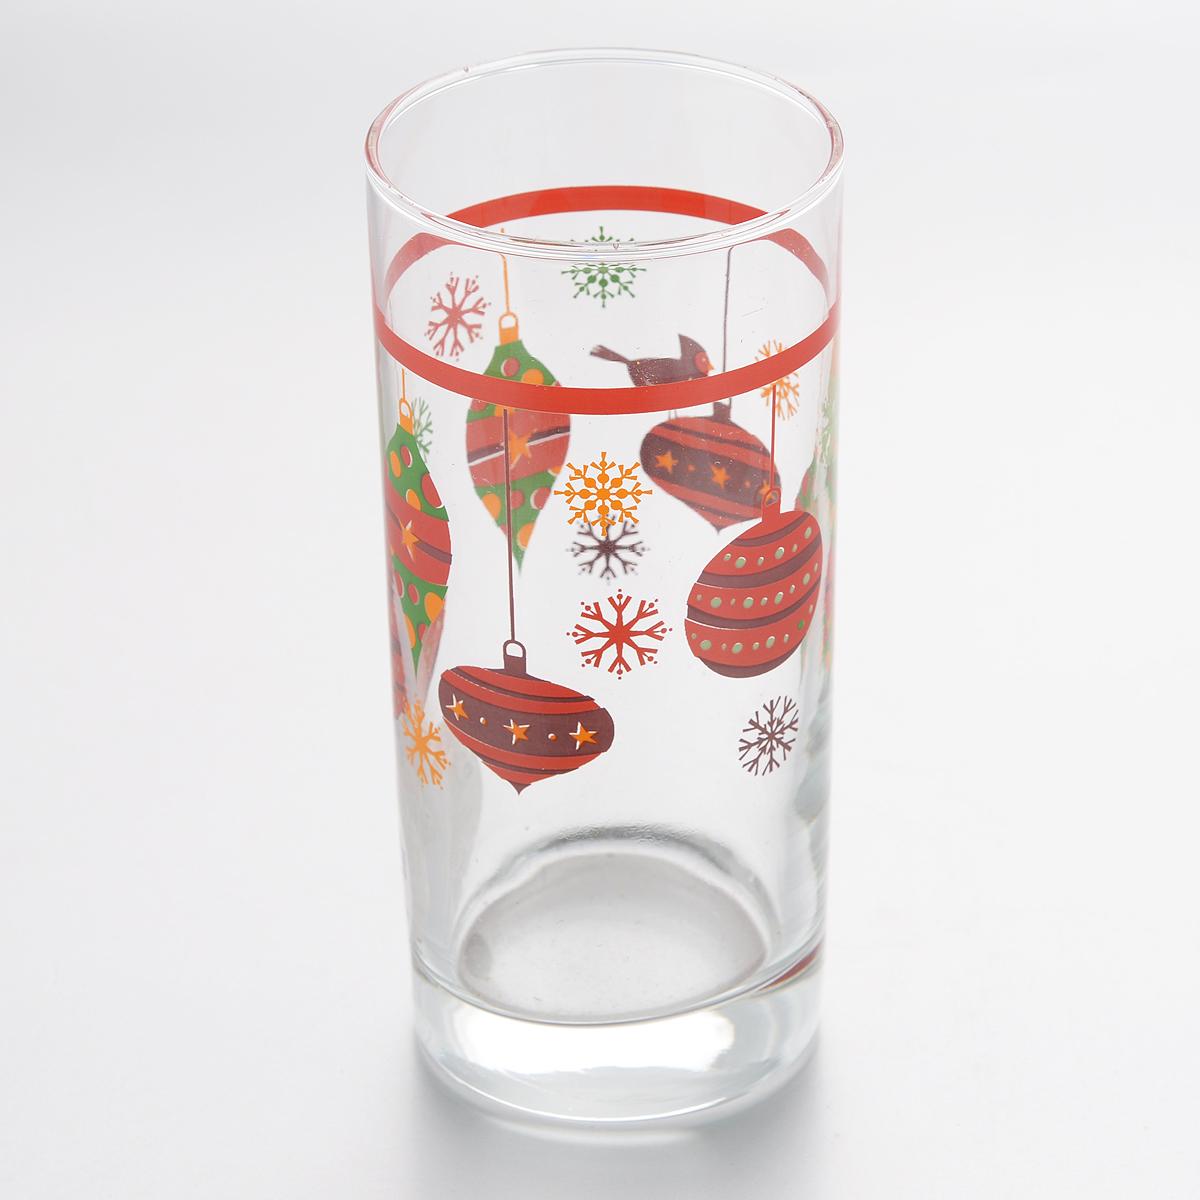 Стакан Pasabahce Christmas Toys, 287 мл25015/431842/290Стакан Pasabahce Christmas Toys изготовлен из прочного стекла и оформлен красочным изображением новогодних игрушек.Такой стакан станет прекрасным дополнением к коллекции ваших кухонных аксессуаров.